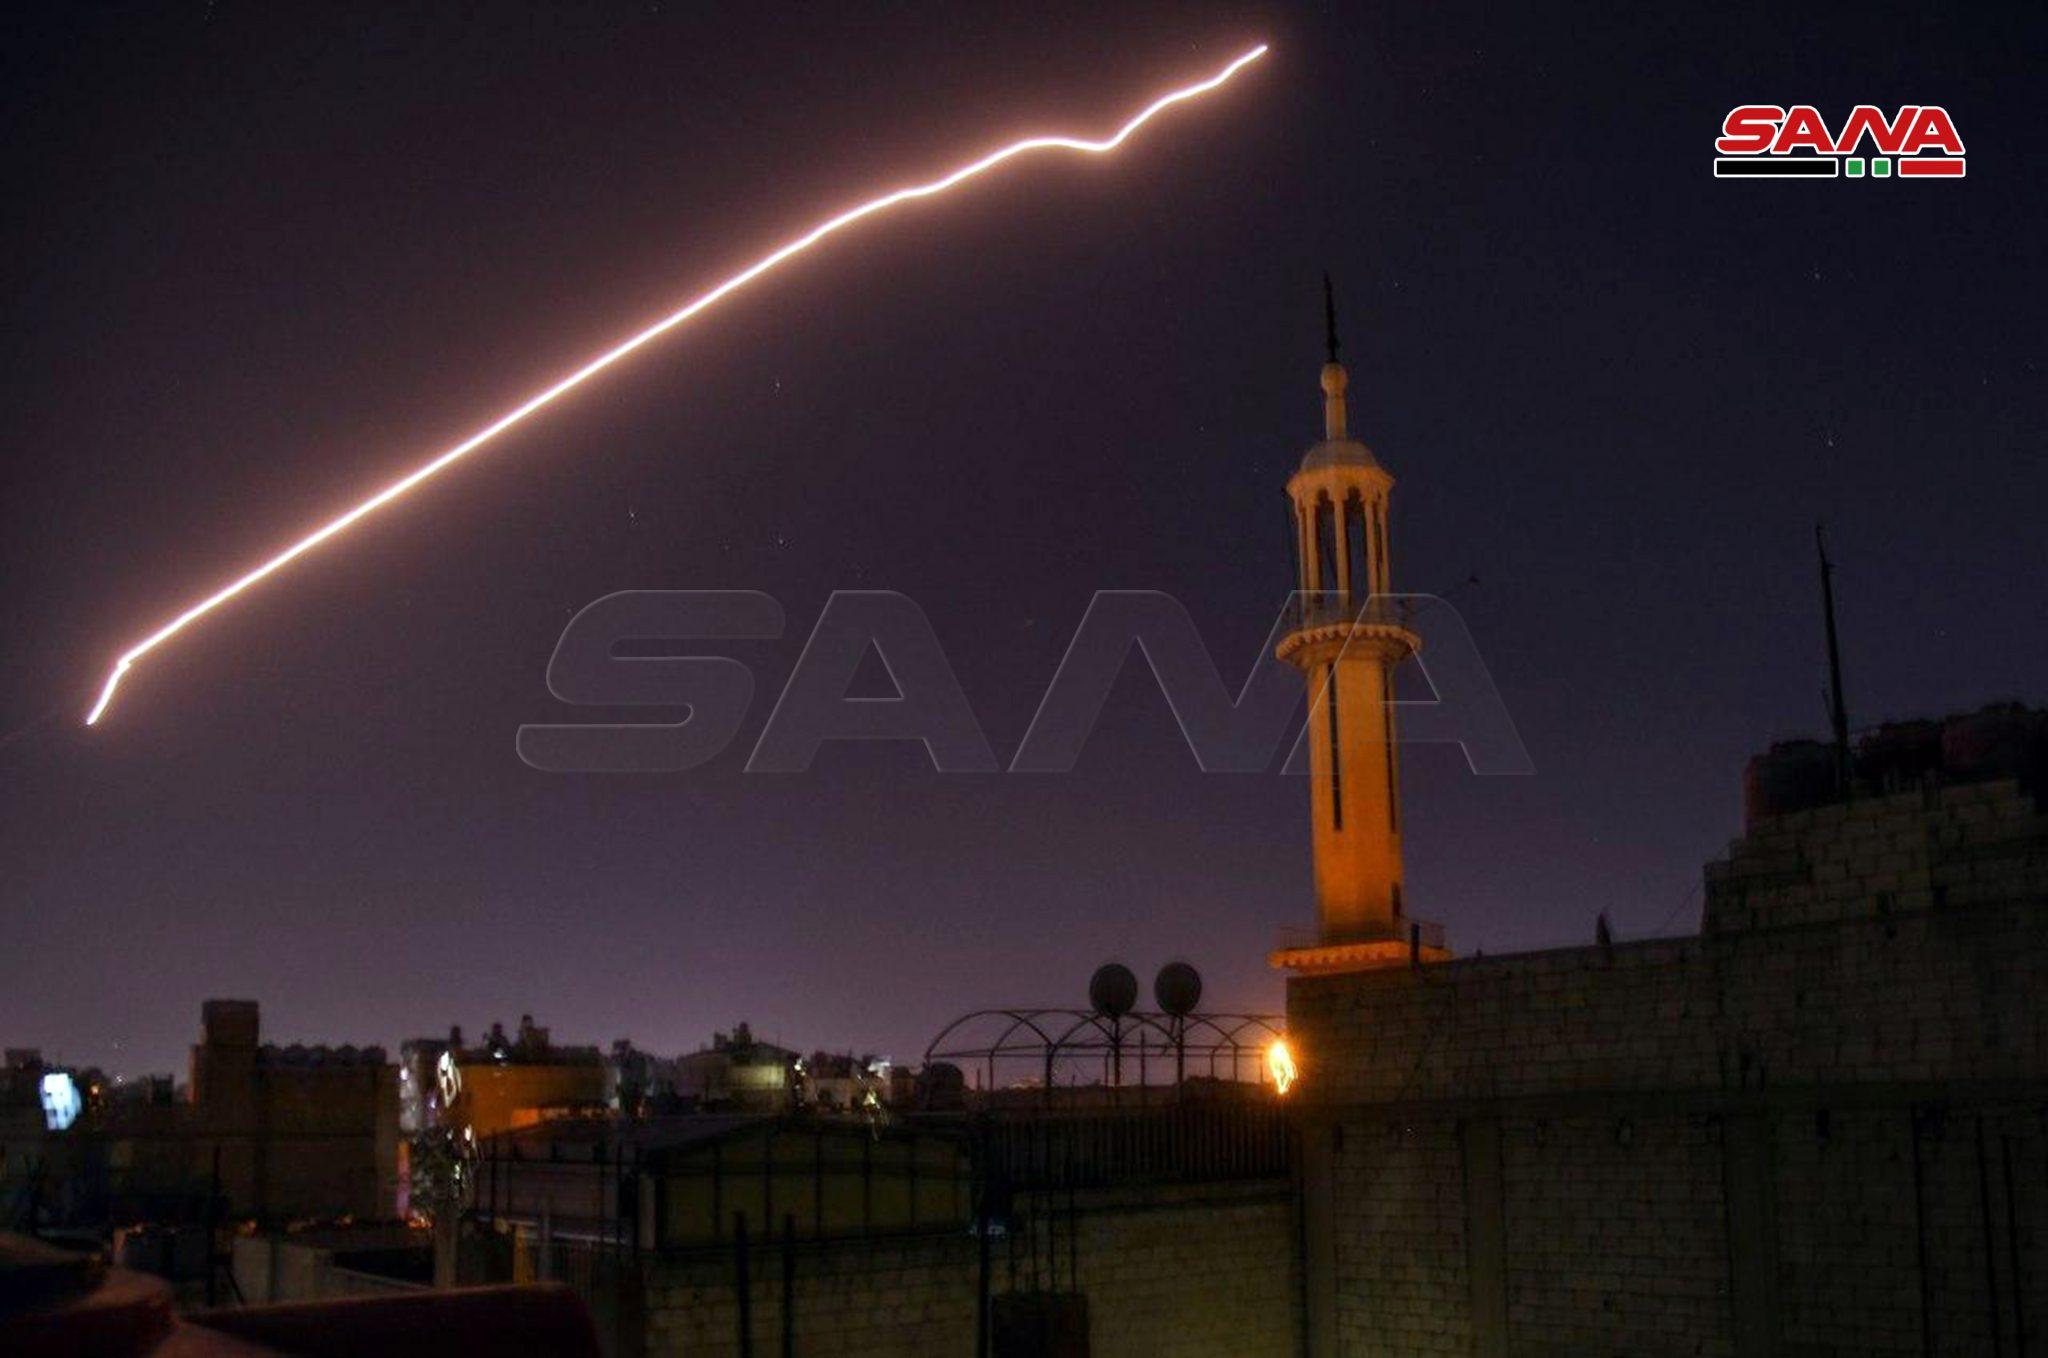 سانا تـ.زعم تصـ.دي الأسد لغــ.ارات إسرائيلية